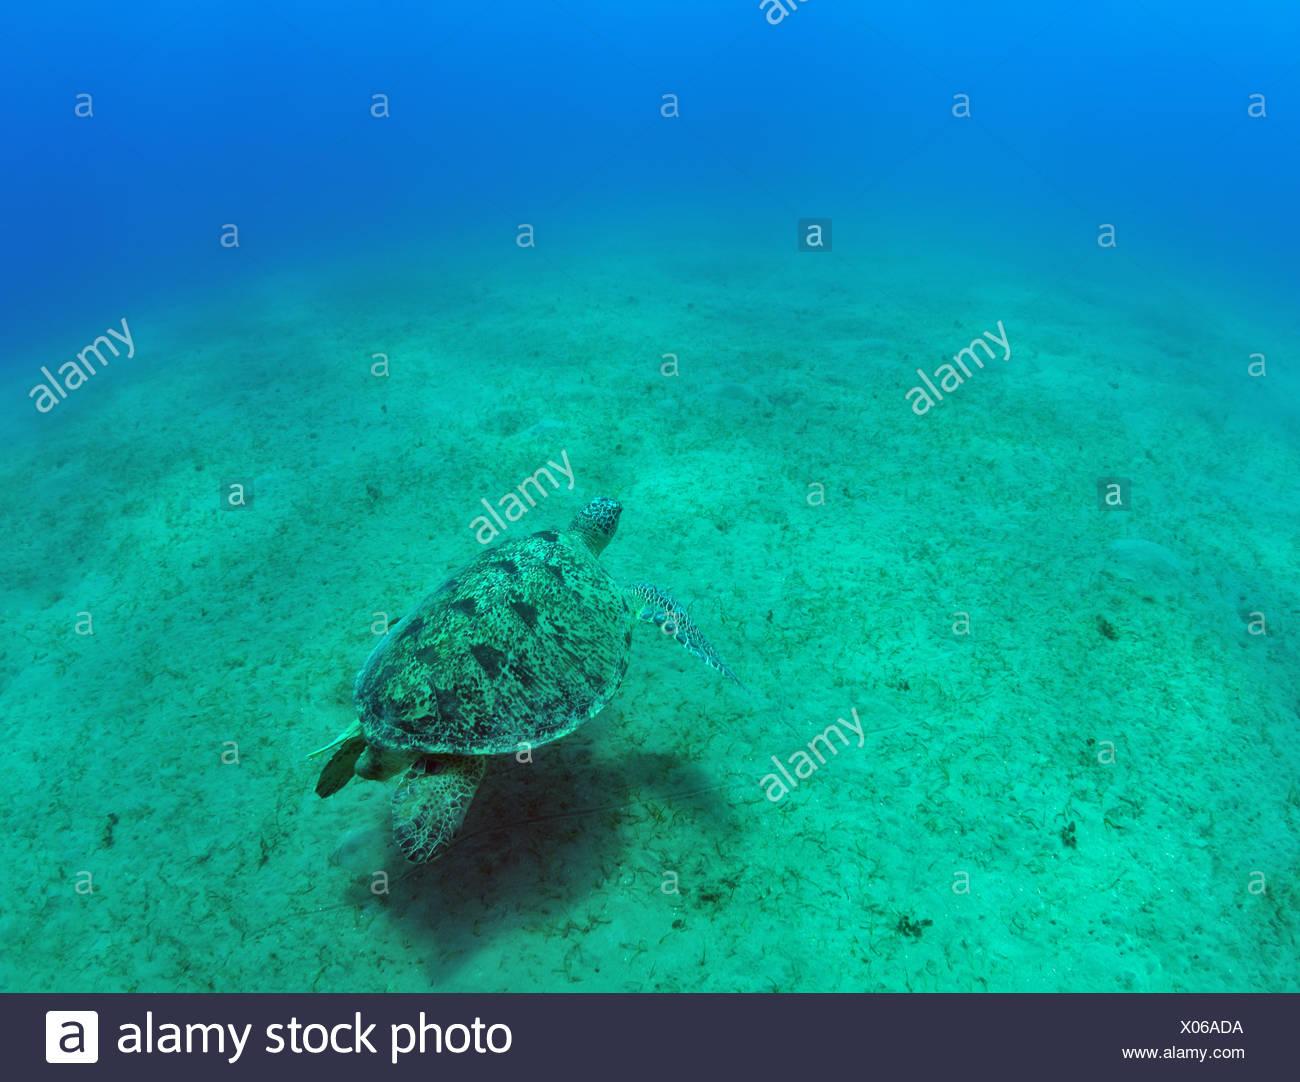 Ausgezeichnet Malvorlagen Von Meeresschildkröten Ideen - Druckbare ...